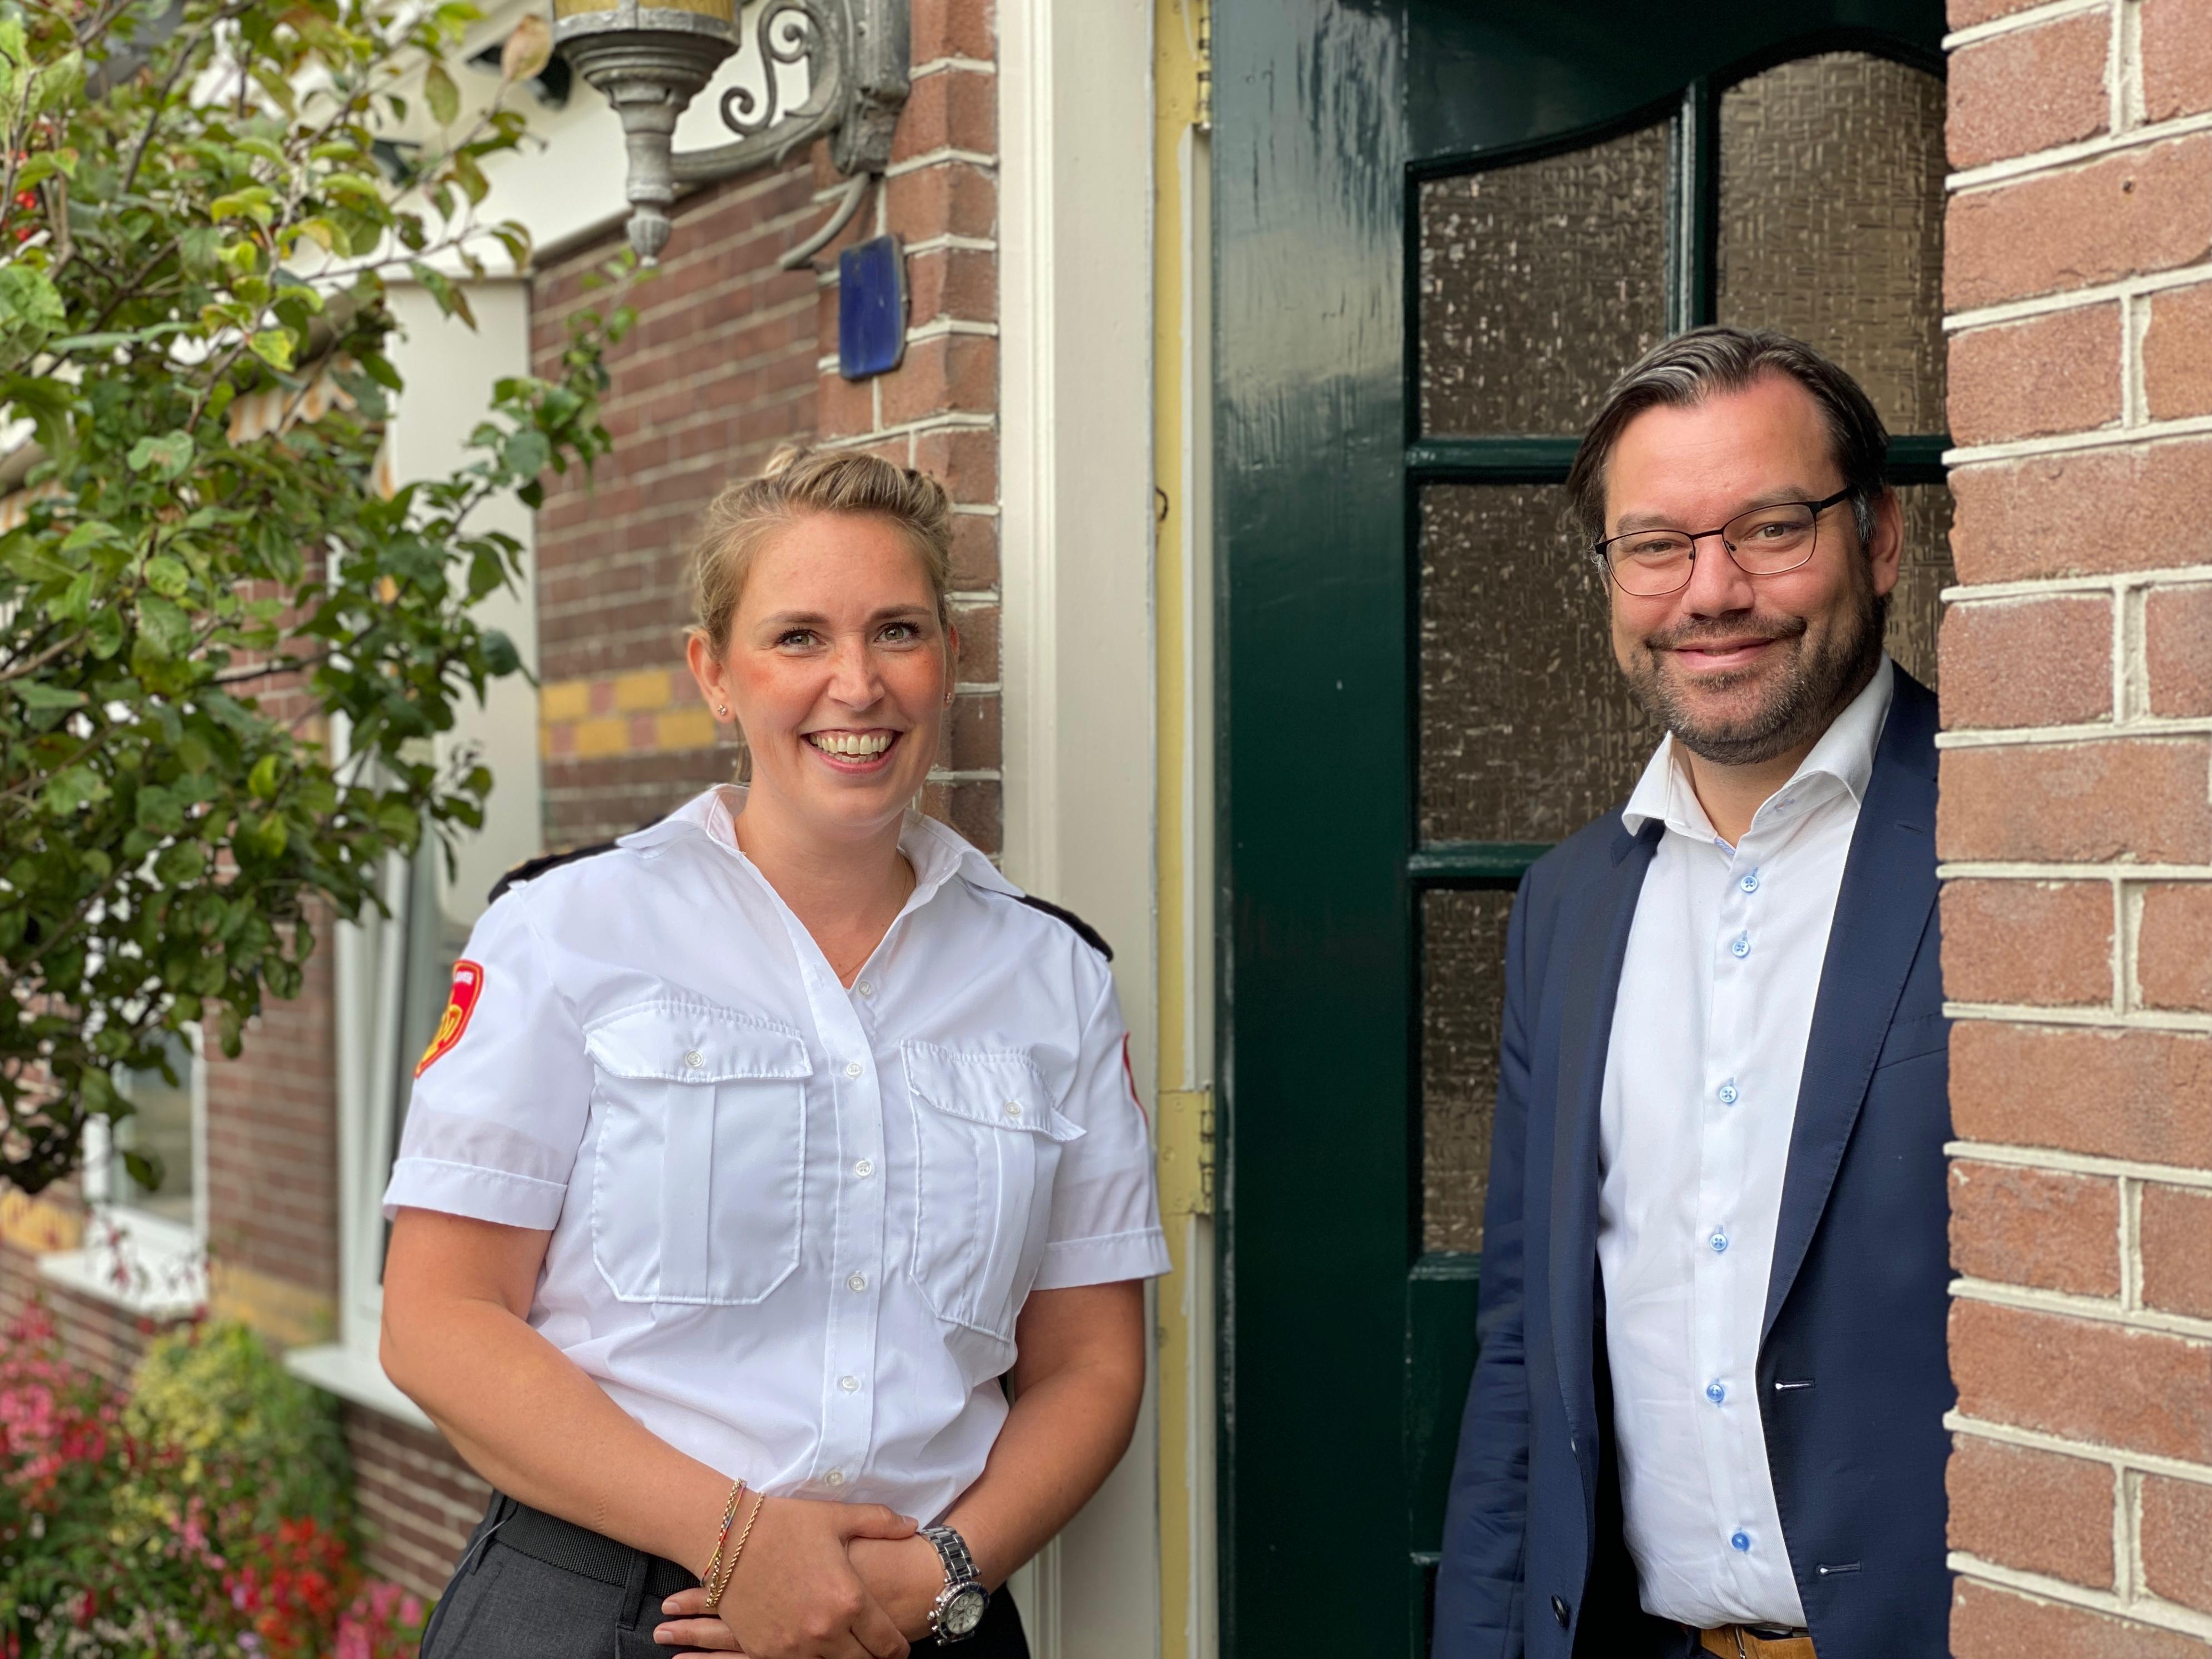 Brandweer doet een woningcheck bij burgemeester Drechterland